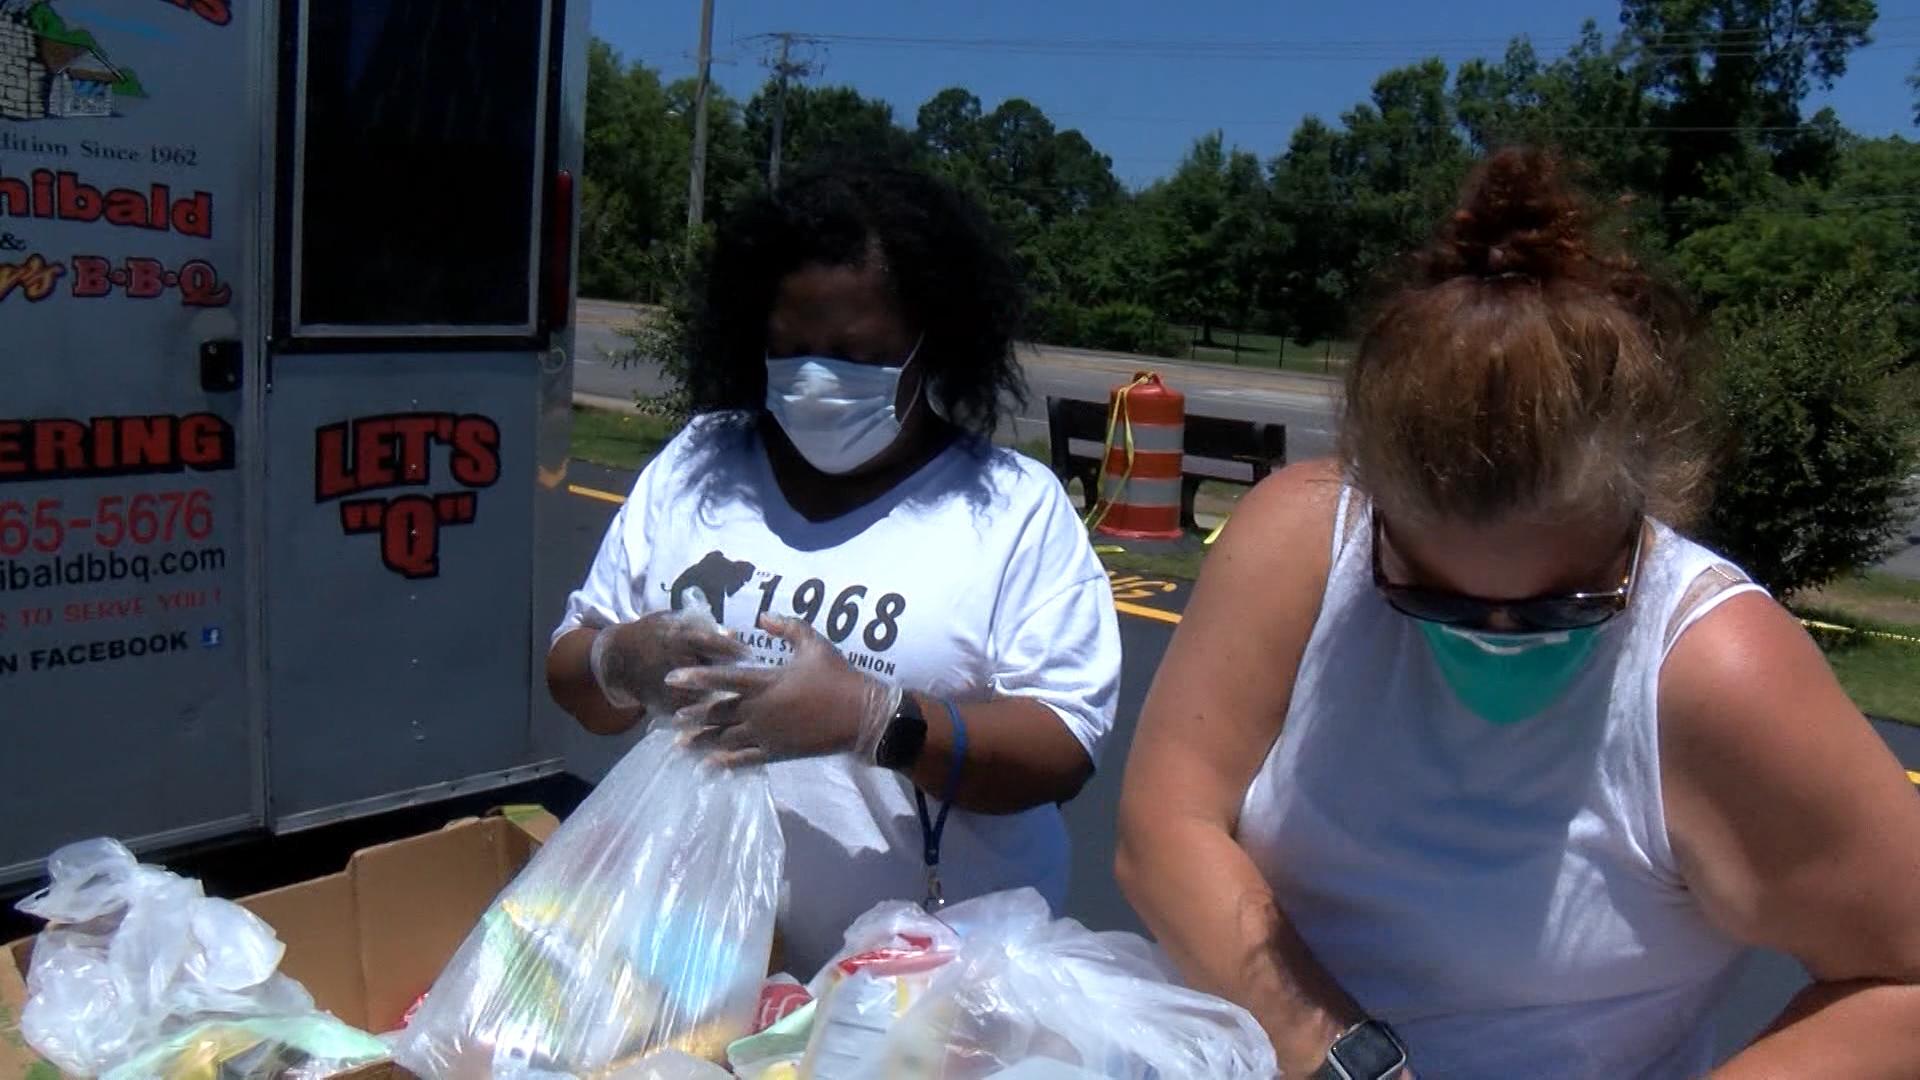 Servicios de emergencia temporales, ofrecen comidas calientes todos los domingos